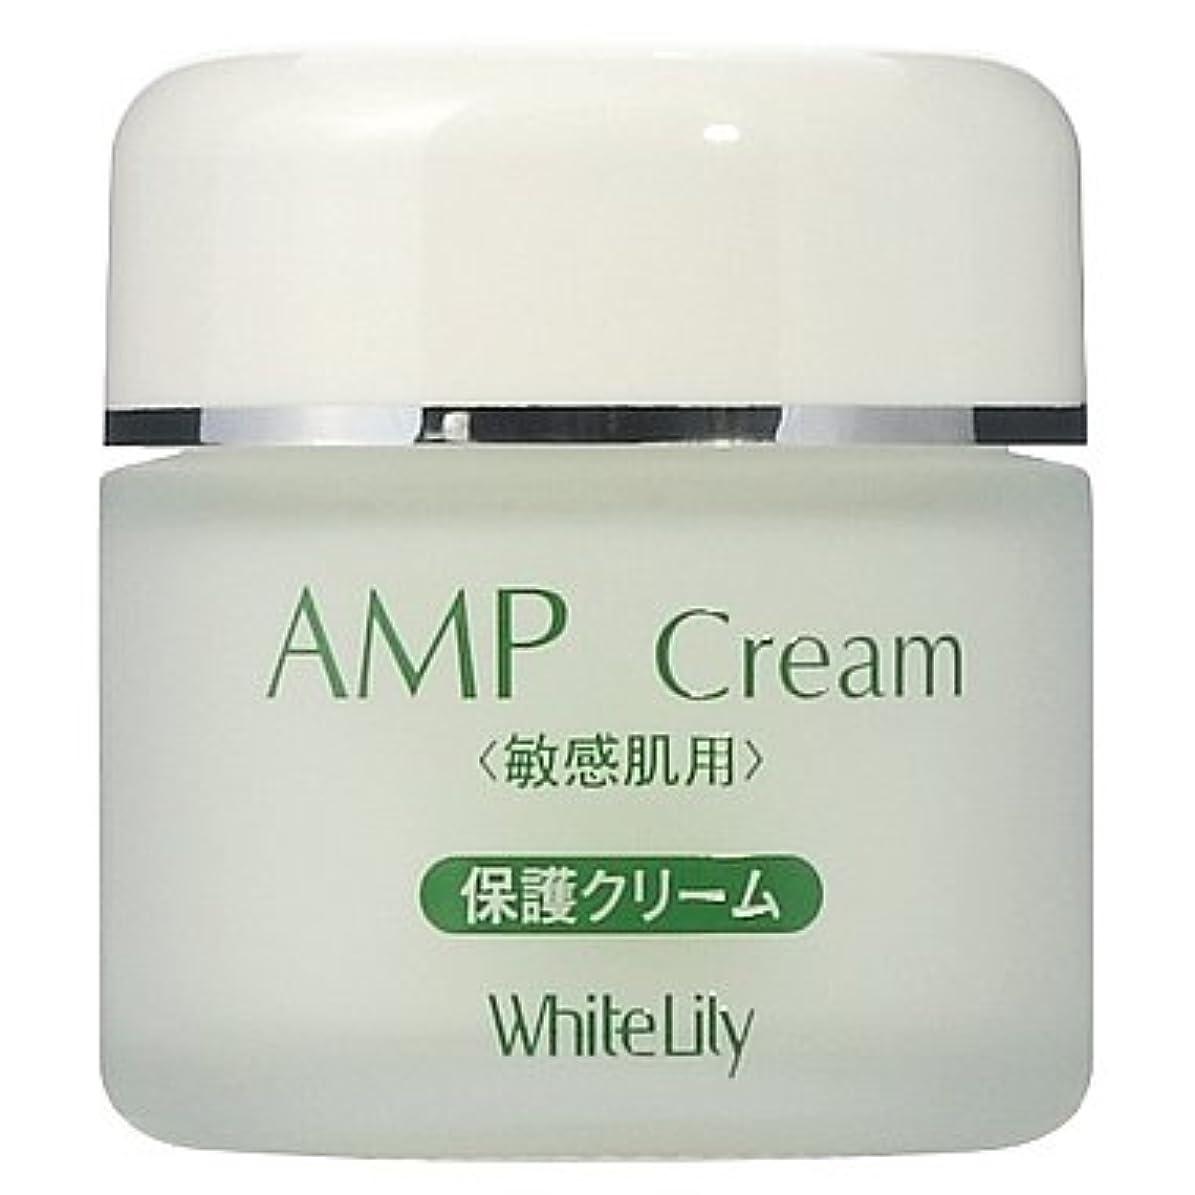 マークされた突進ではごきげんようホワイトリリー AMPクリーム 40g クリーム